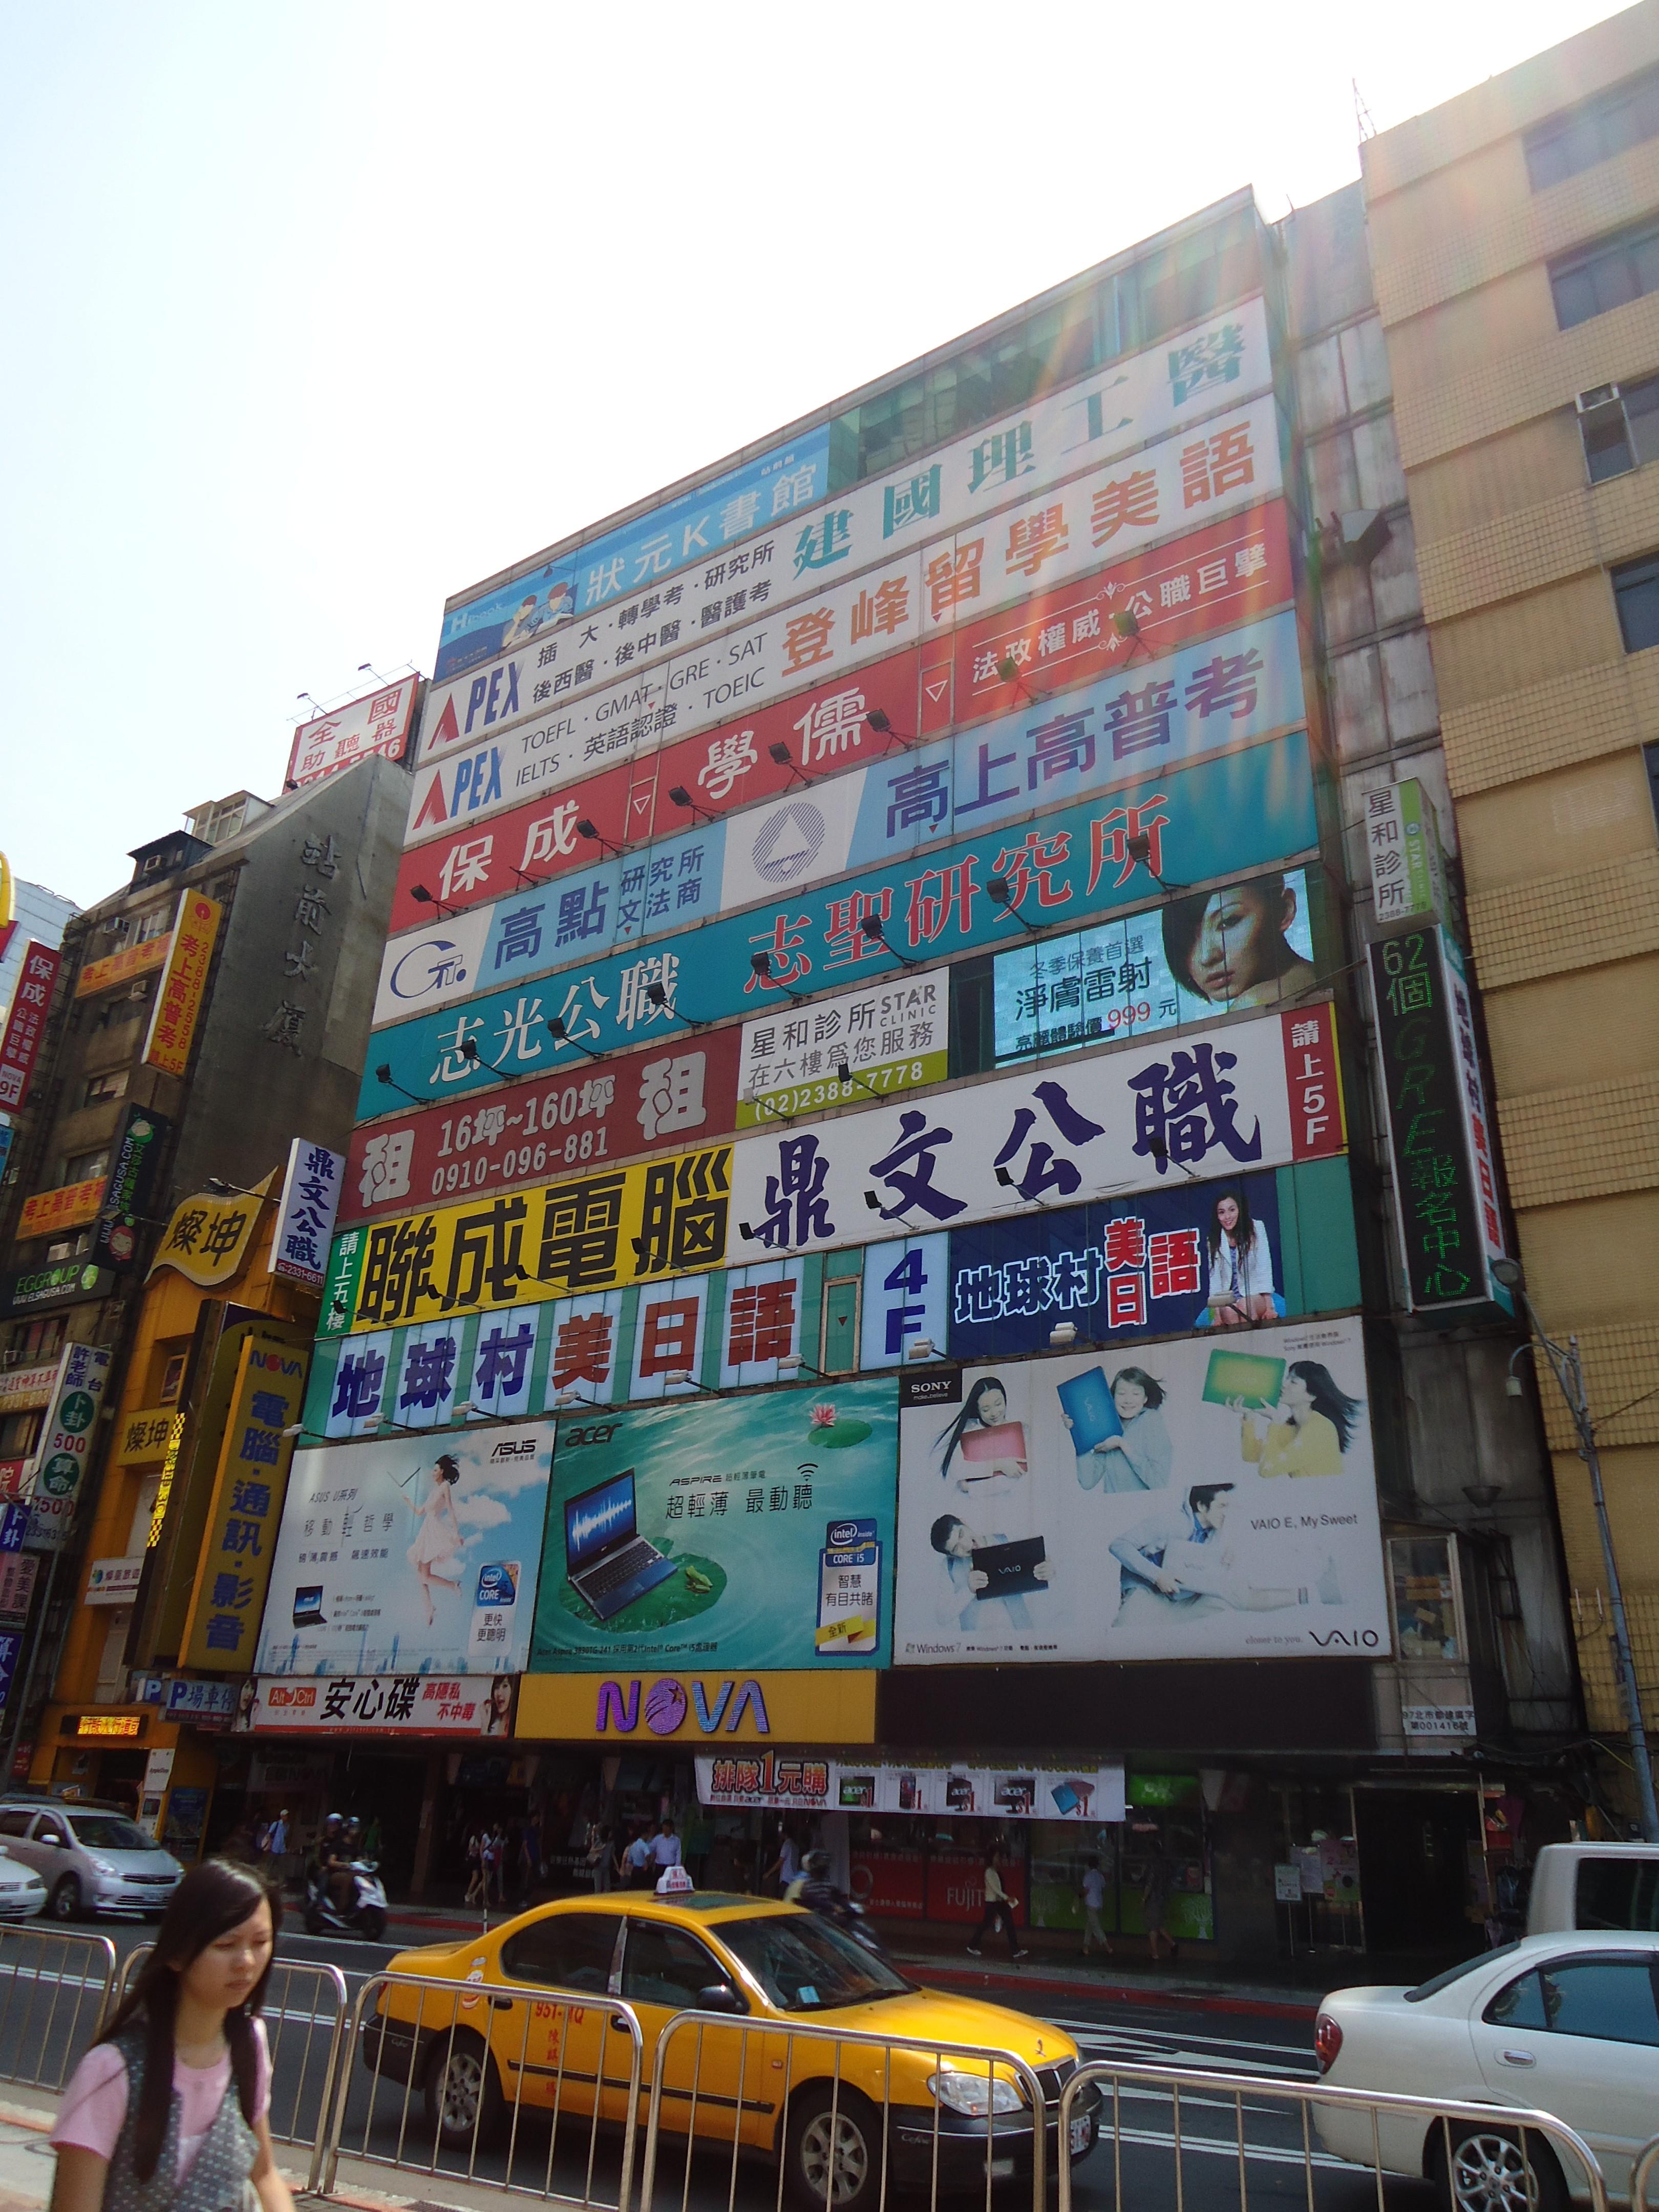 ads, Taiwan